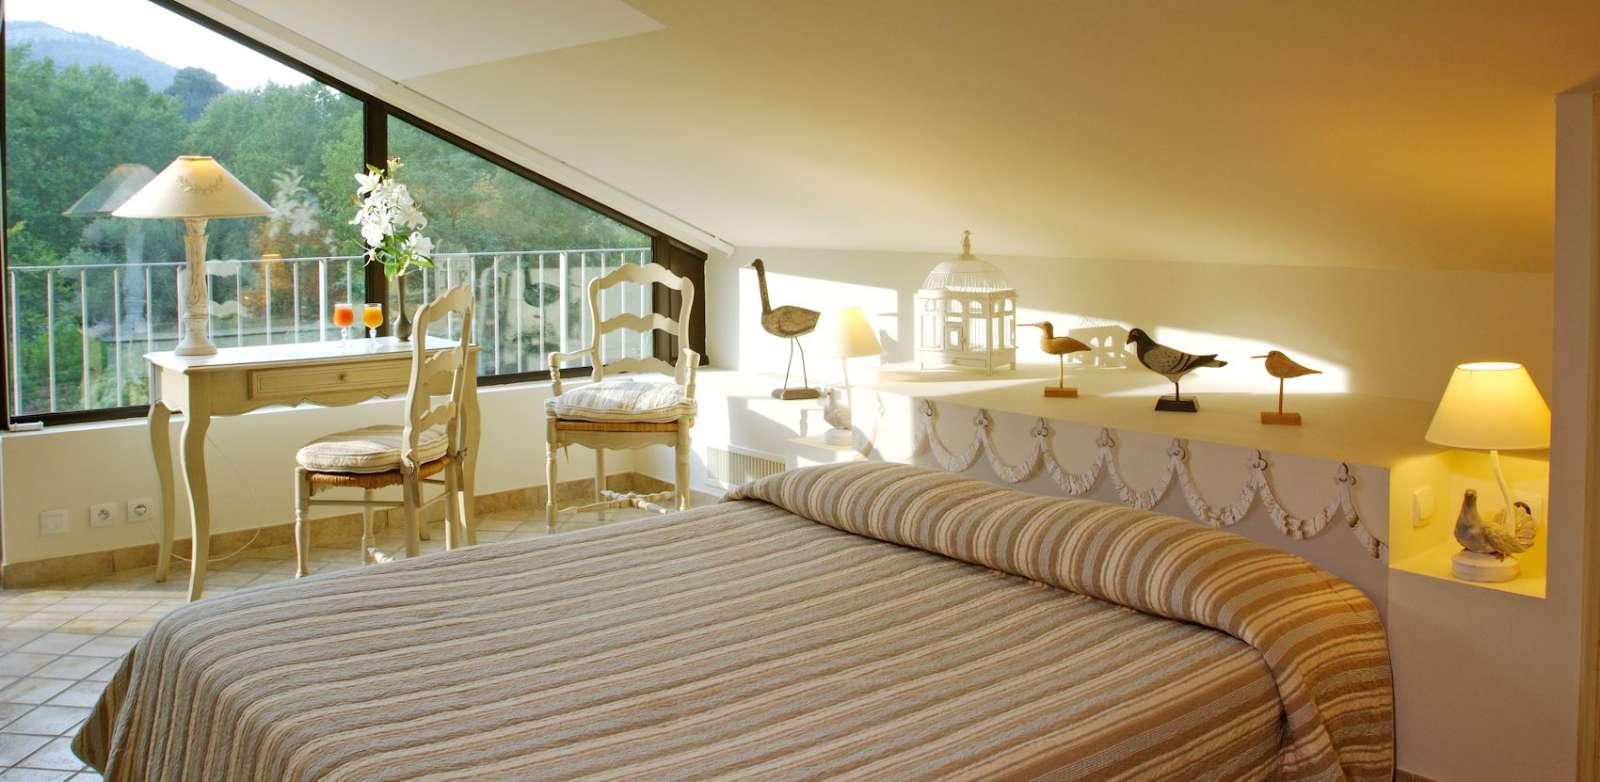 Prestige-rummet